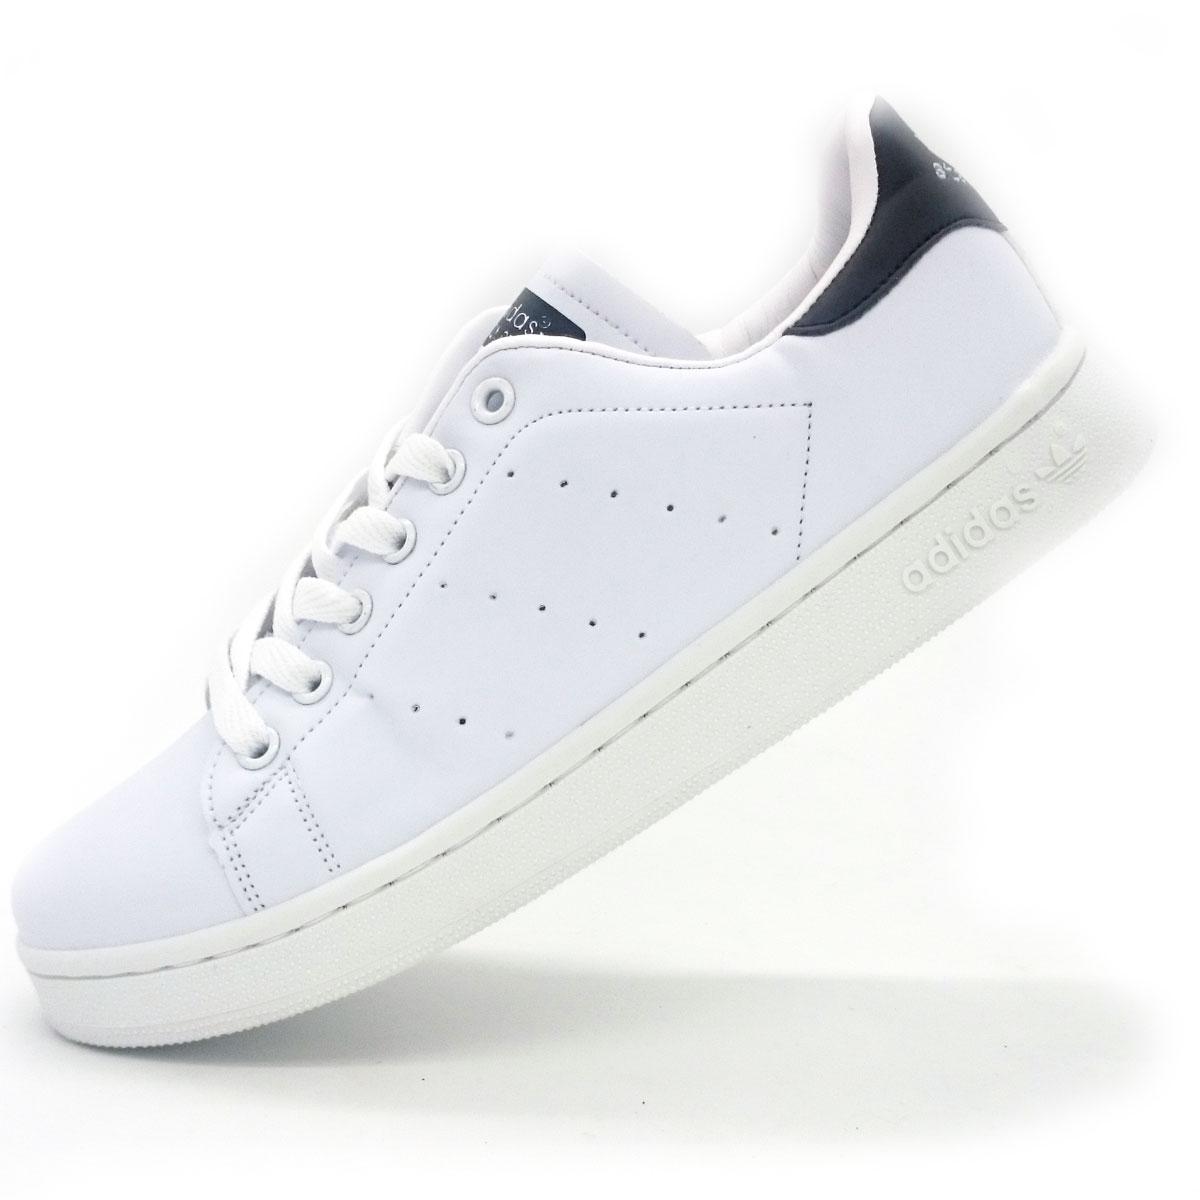 фото main Женские кроссовки Adidas Stan Smith бело черные main